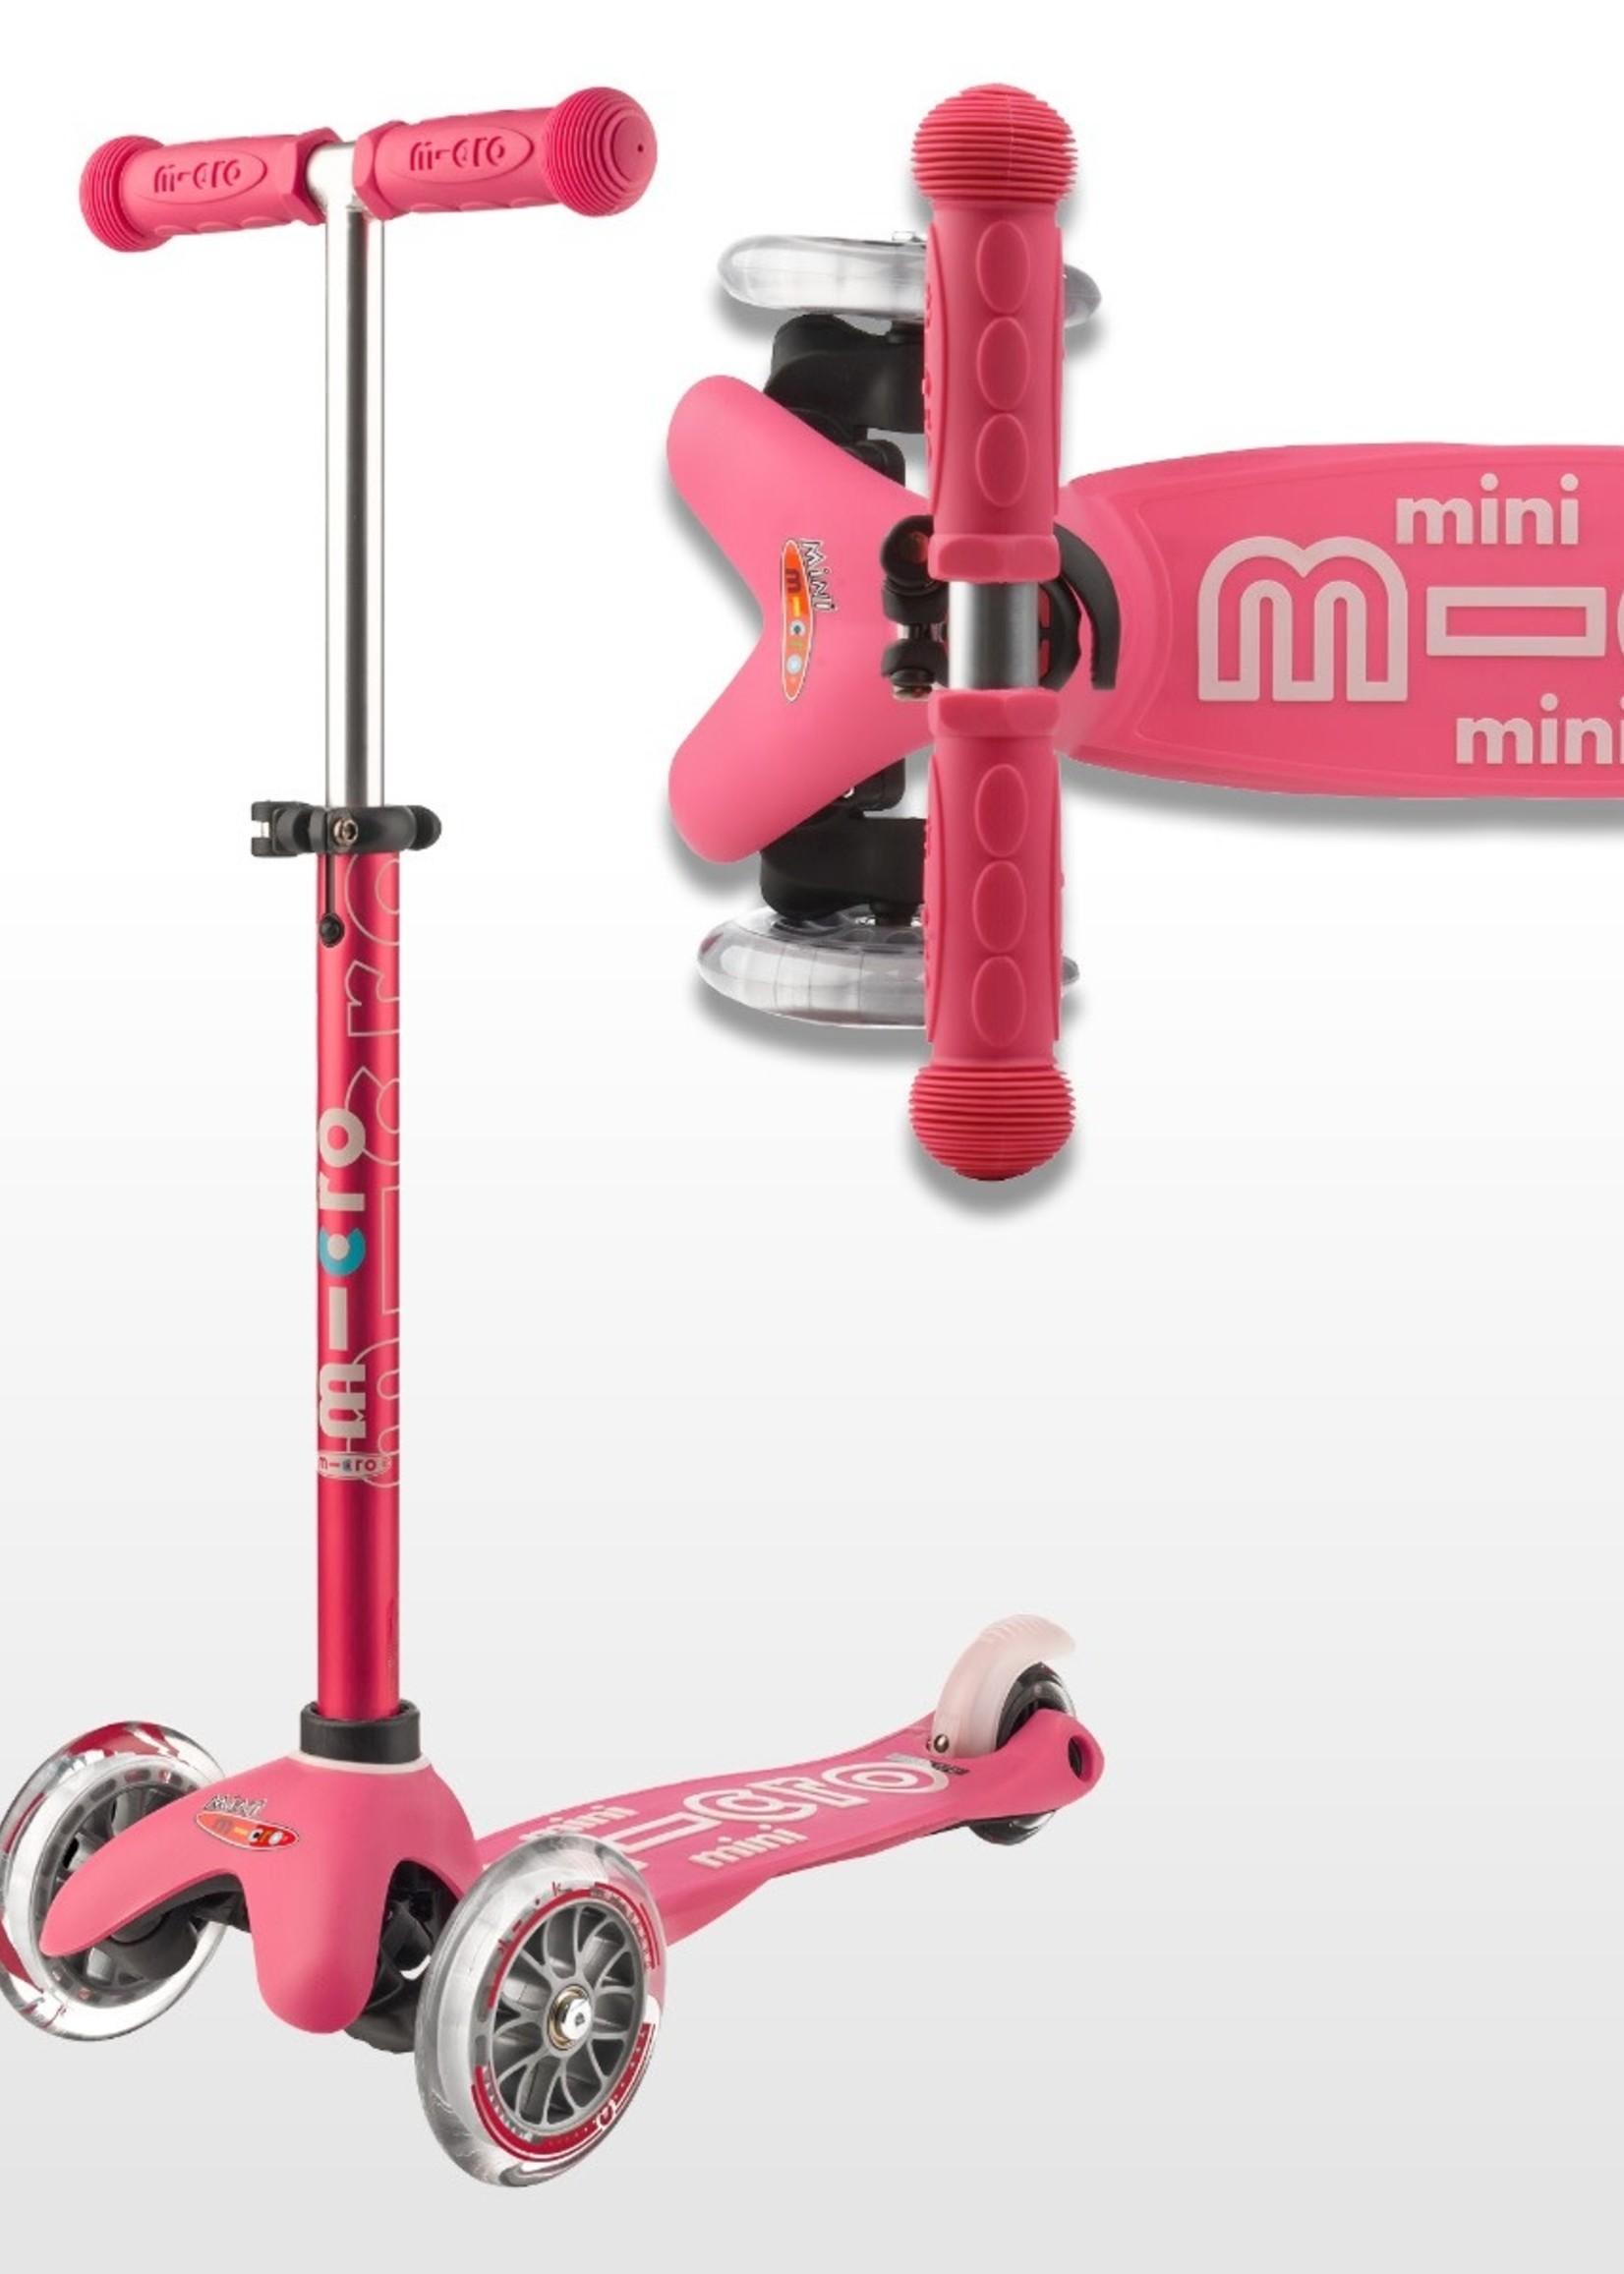 Micro Micro Mini Deluxe Scooter